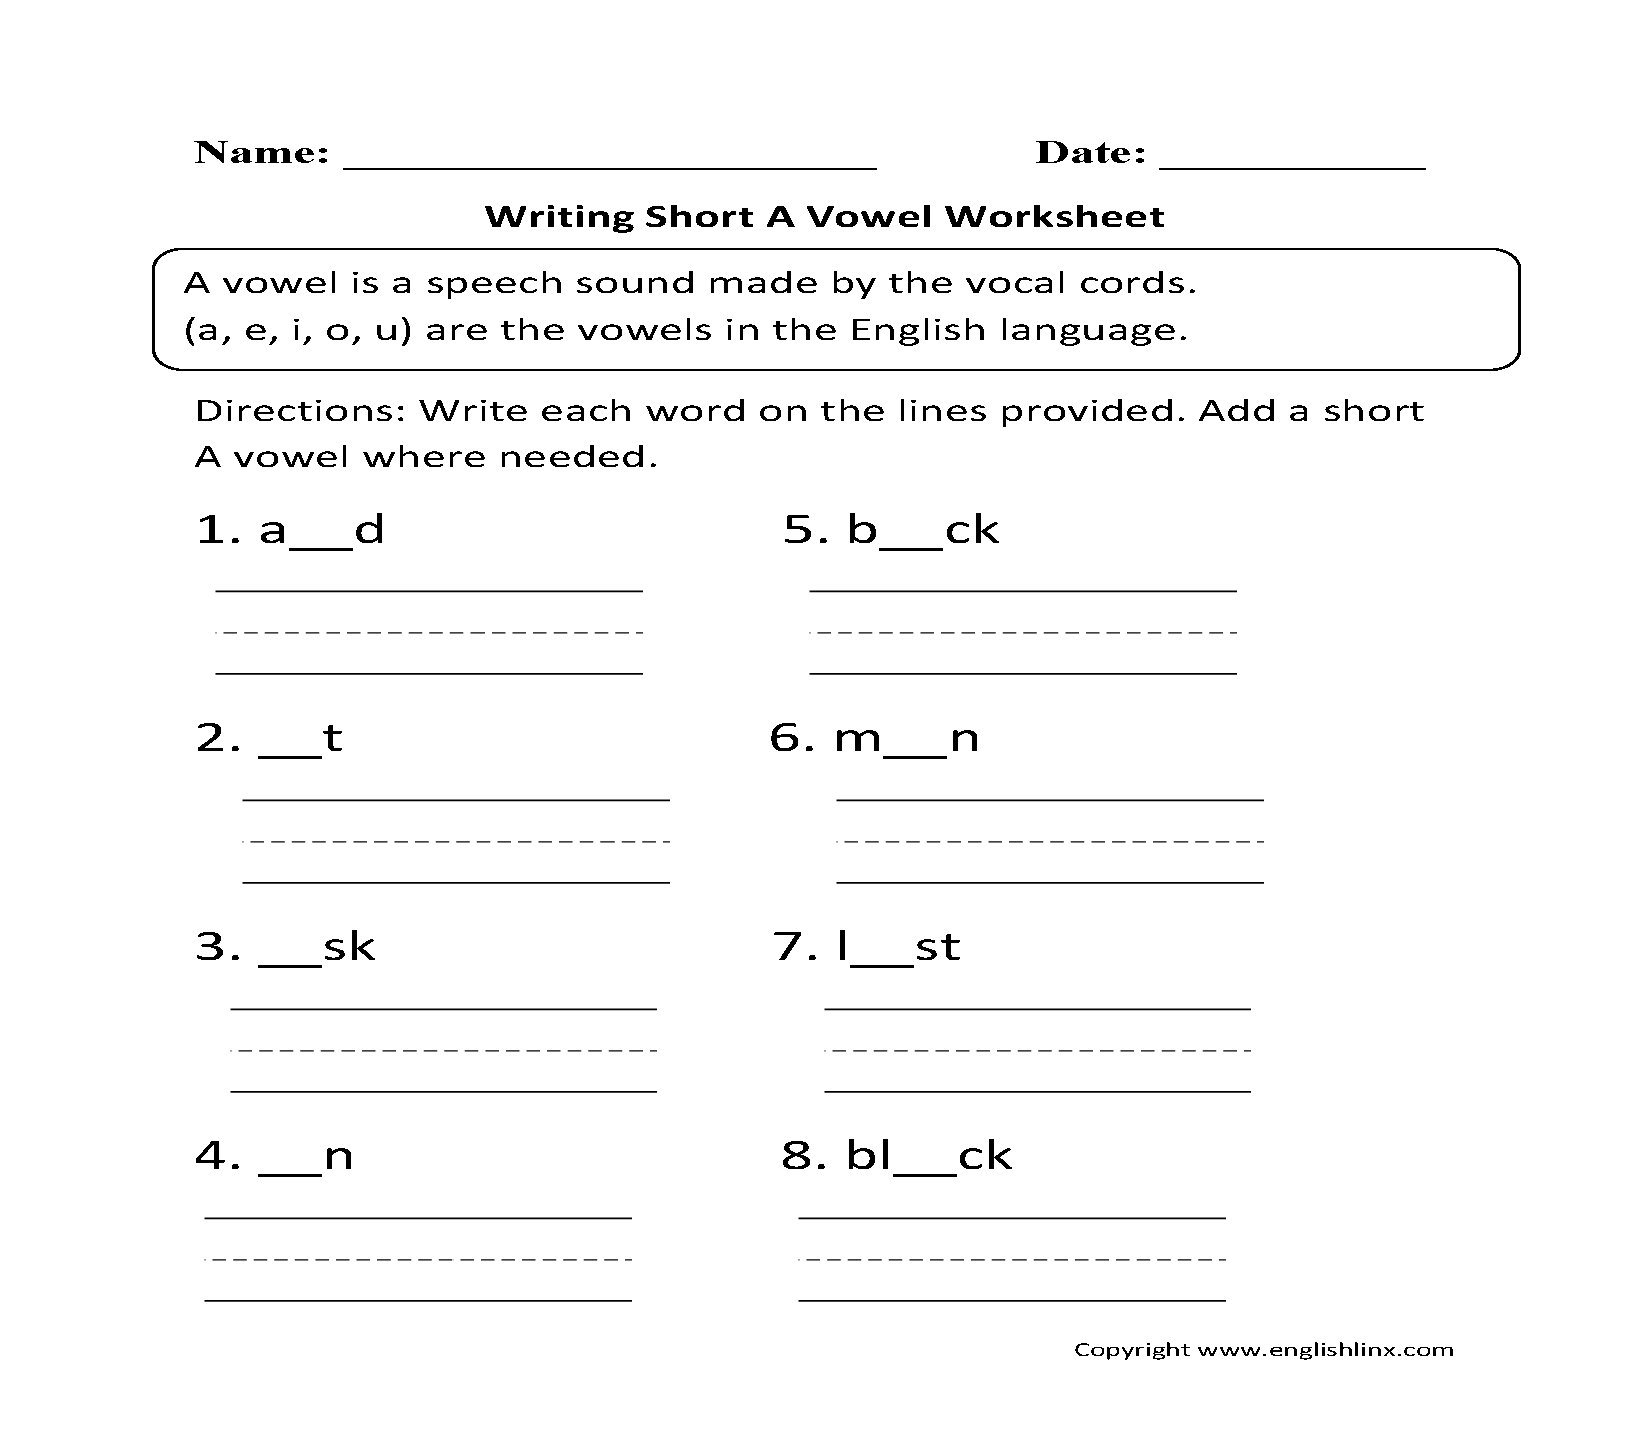 Vowel Worksheets Short And Long Vowel Worksheets